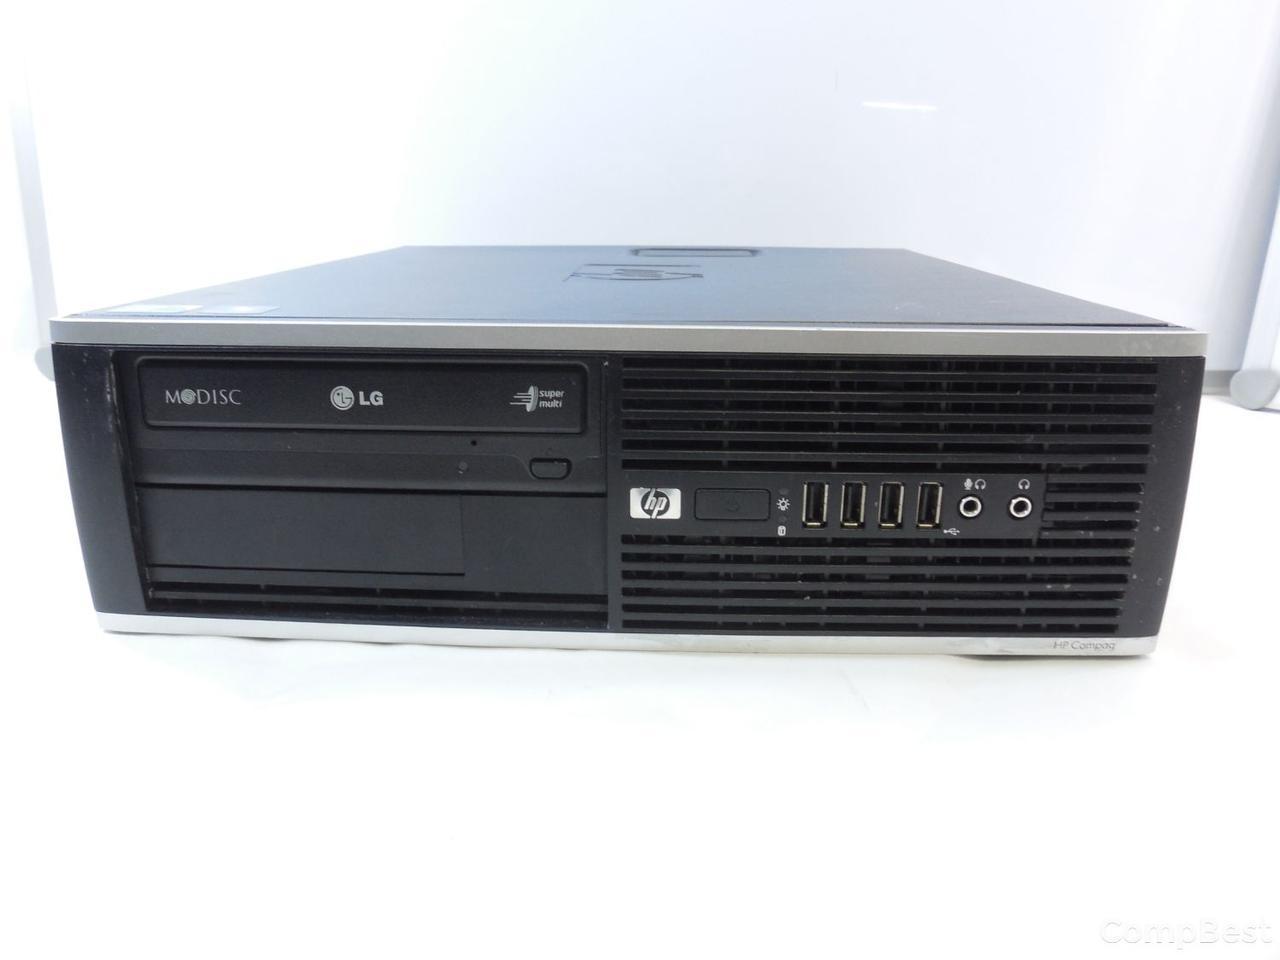 HP 6000 SFF / Intel Core 2 Quad Q6600 (4 ядра по 2.4GHz) / 4 GB DDR3 / 160 GB HDD